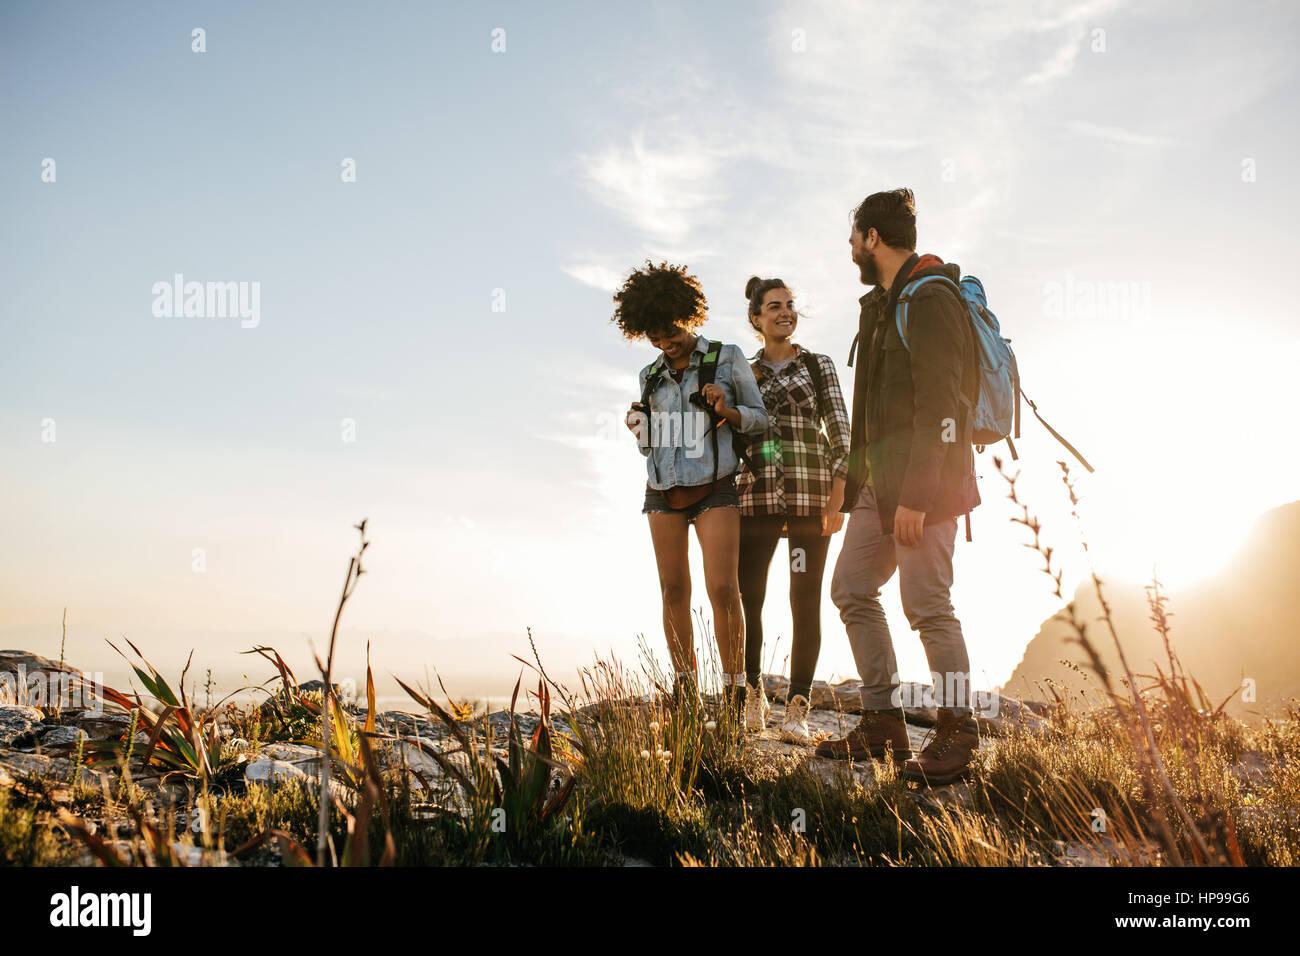 Grupo de personas caminatas en la naturaleza en un día de verano. Tres jóvenes amigos en un país camine. Foto de stock